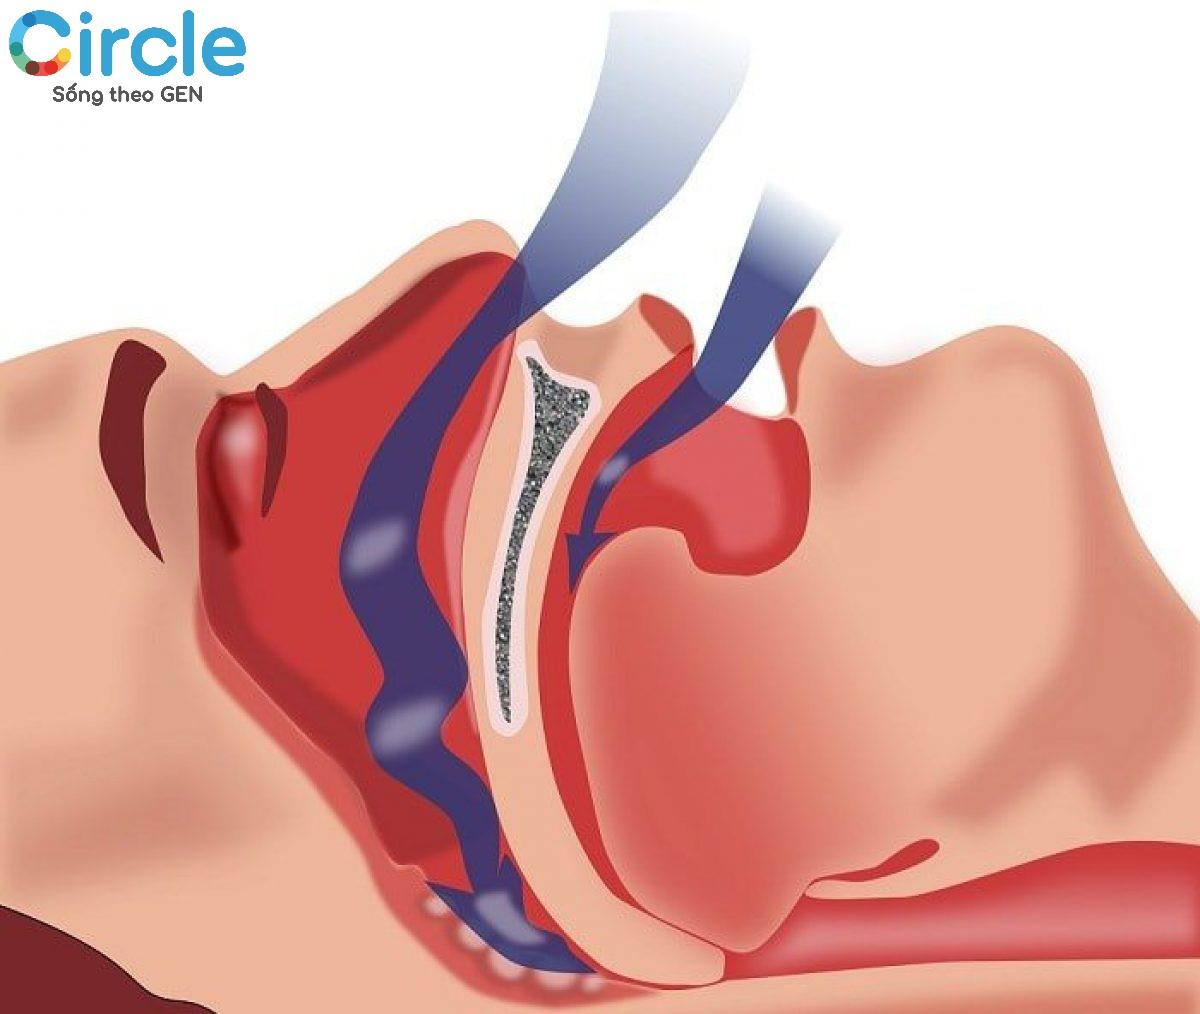 Chứng ngưng thở khi ngủ mang lại những hệ quả vô cũng nguy hiểm cho người mắc phải, do đó cần sớm được điều trị.